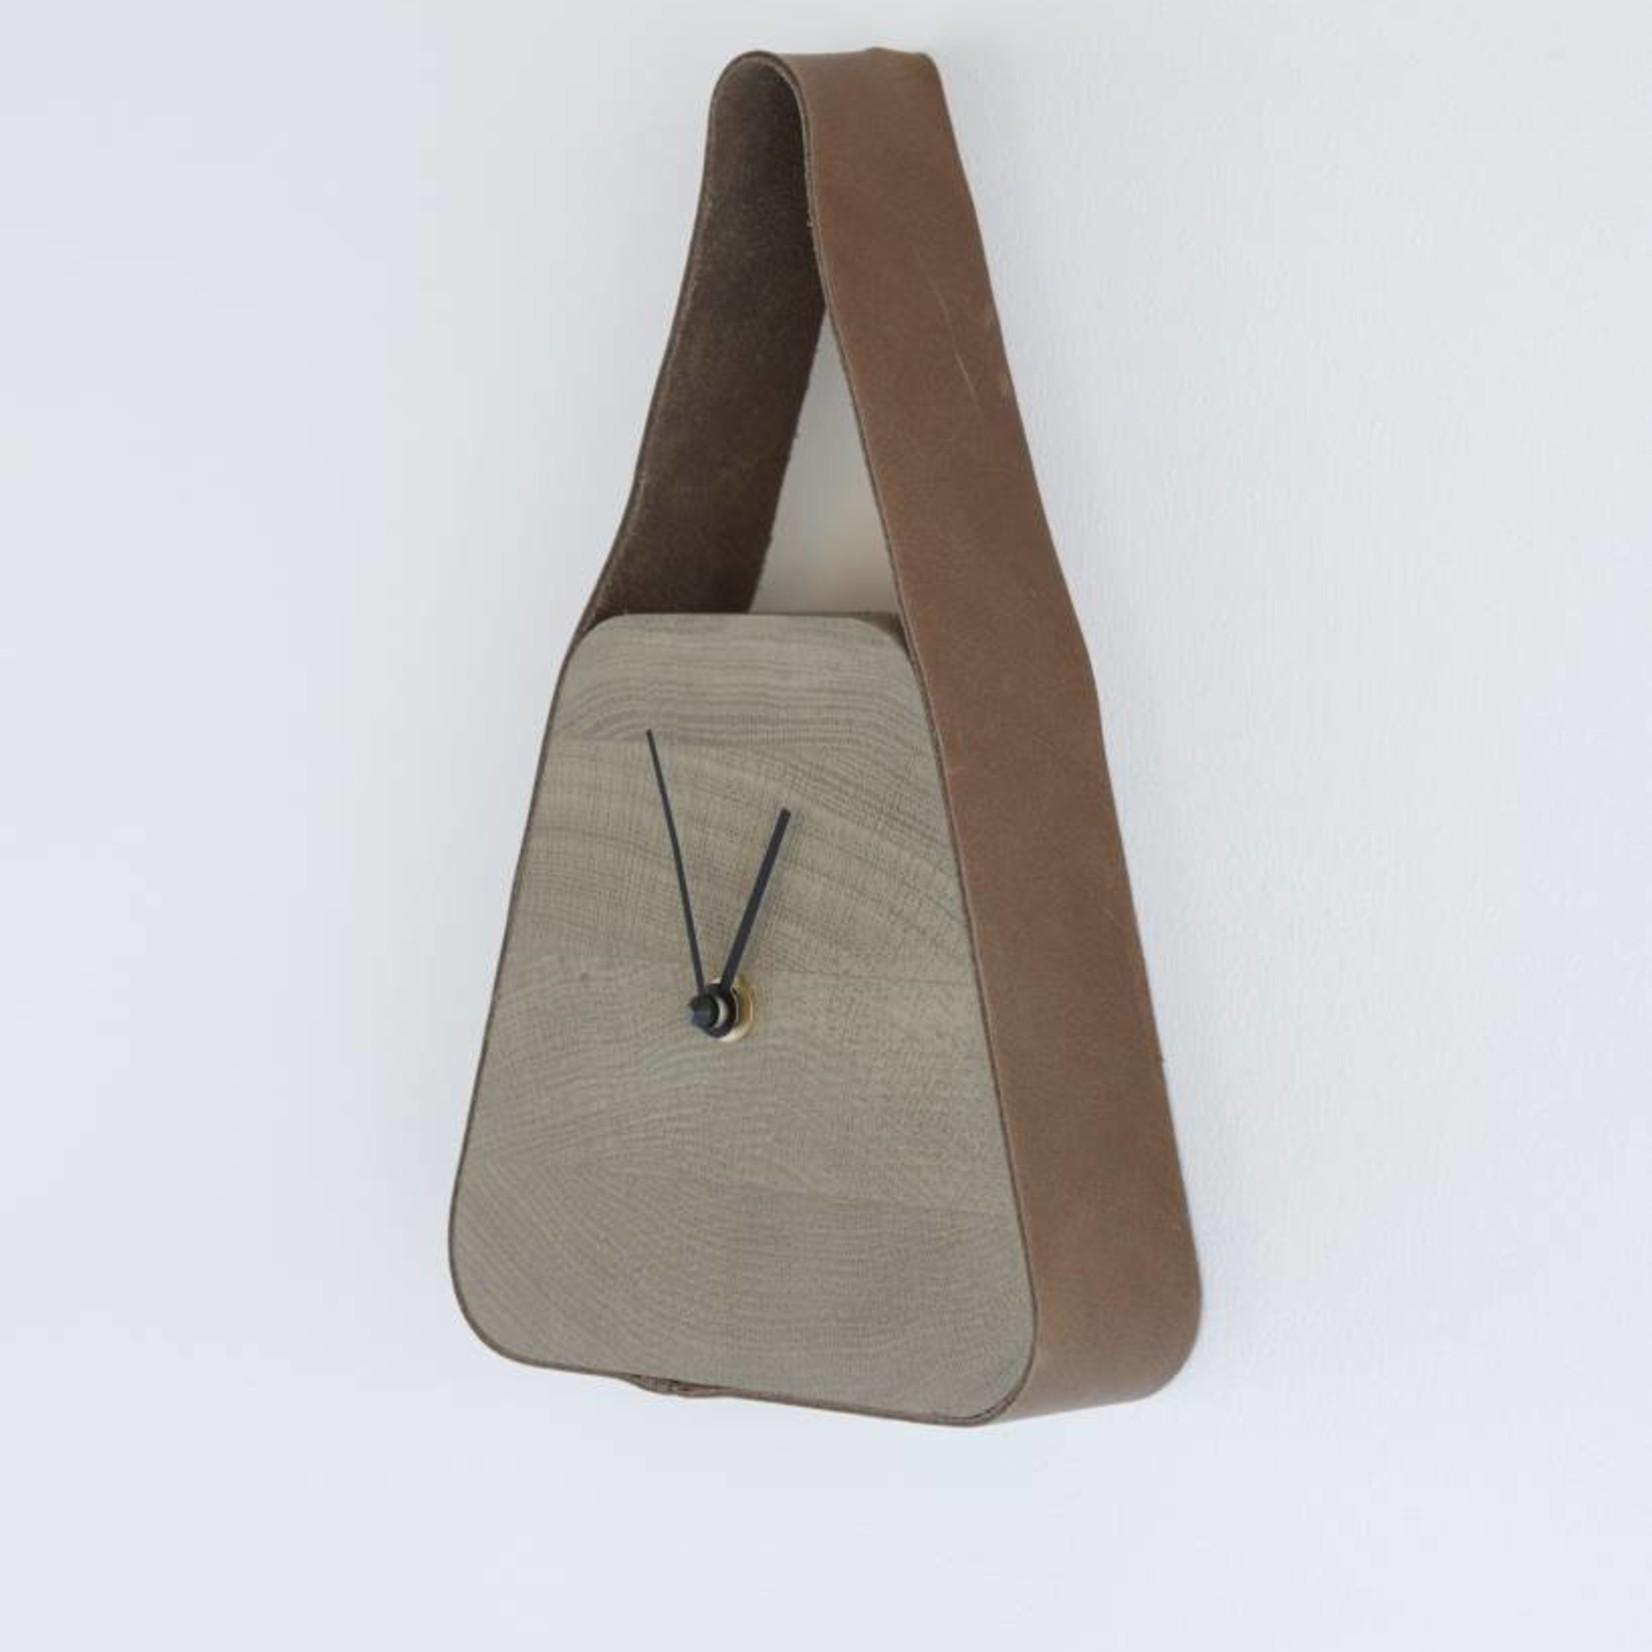 LABEL | Vandenberg Look clock (wide under) - Nova Zembla Bison & Palm Grey wood